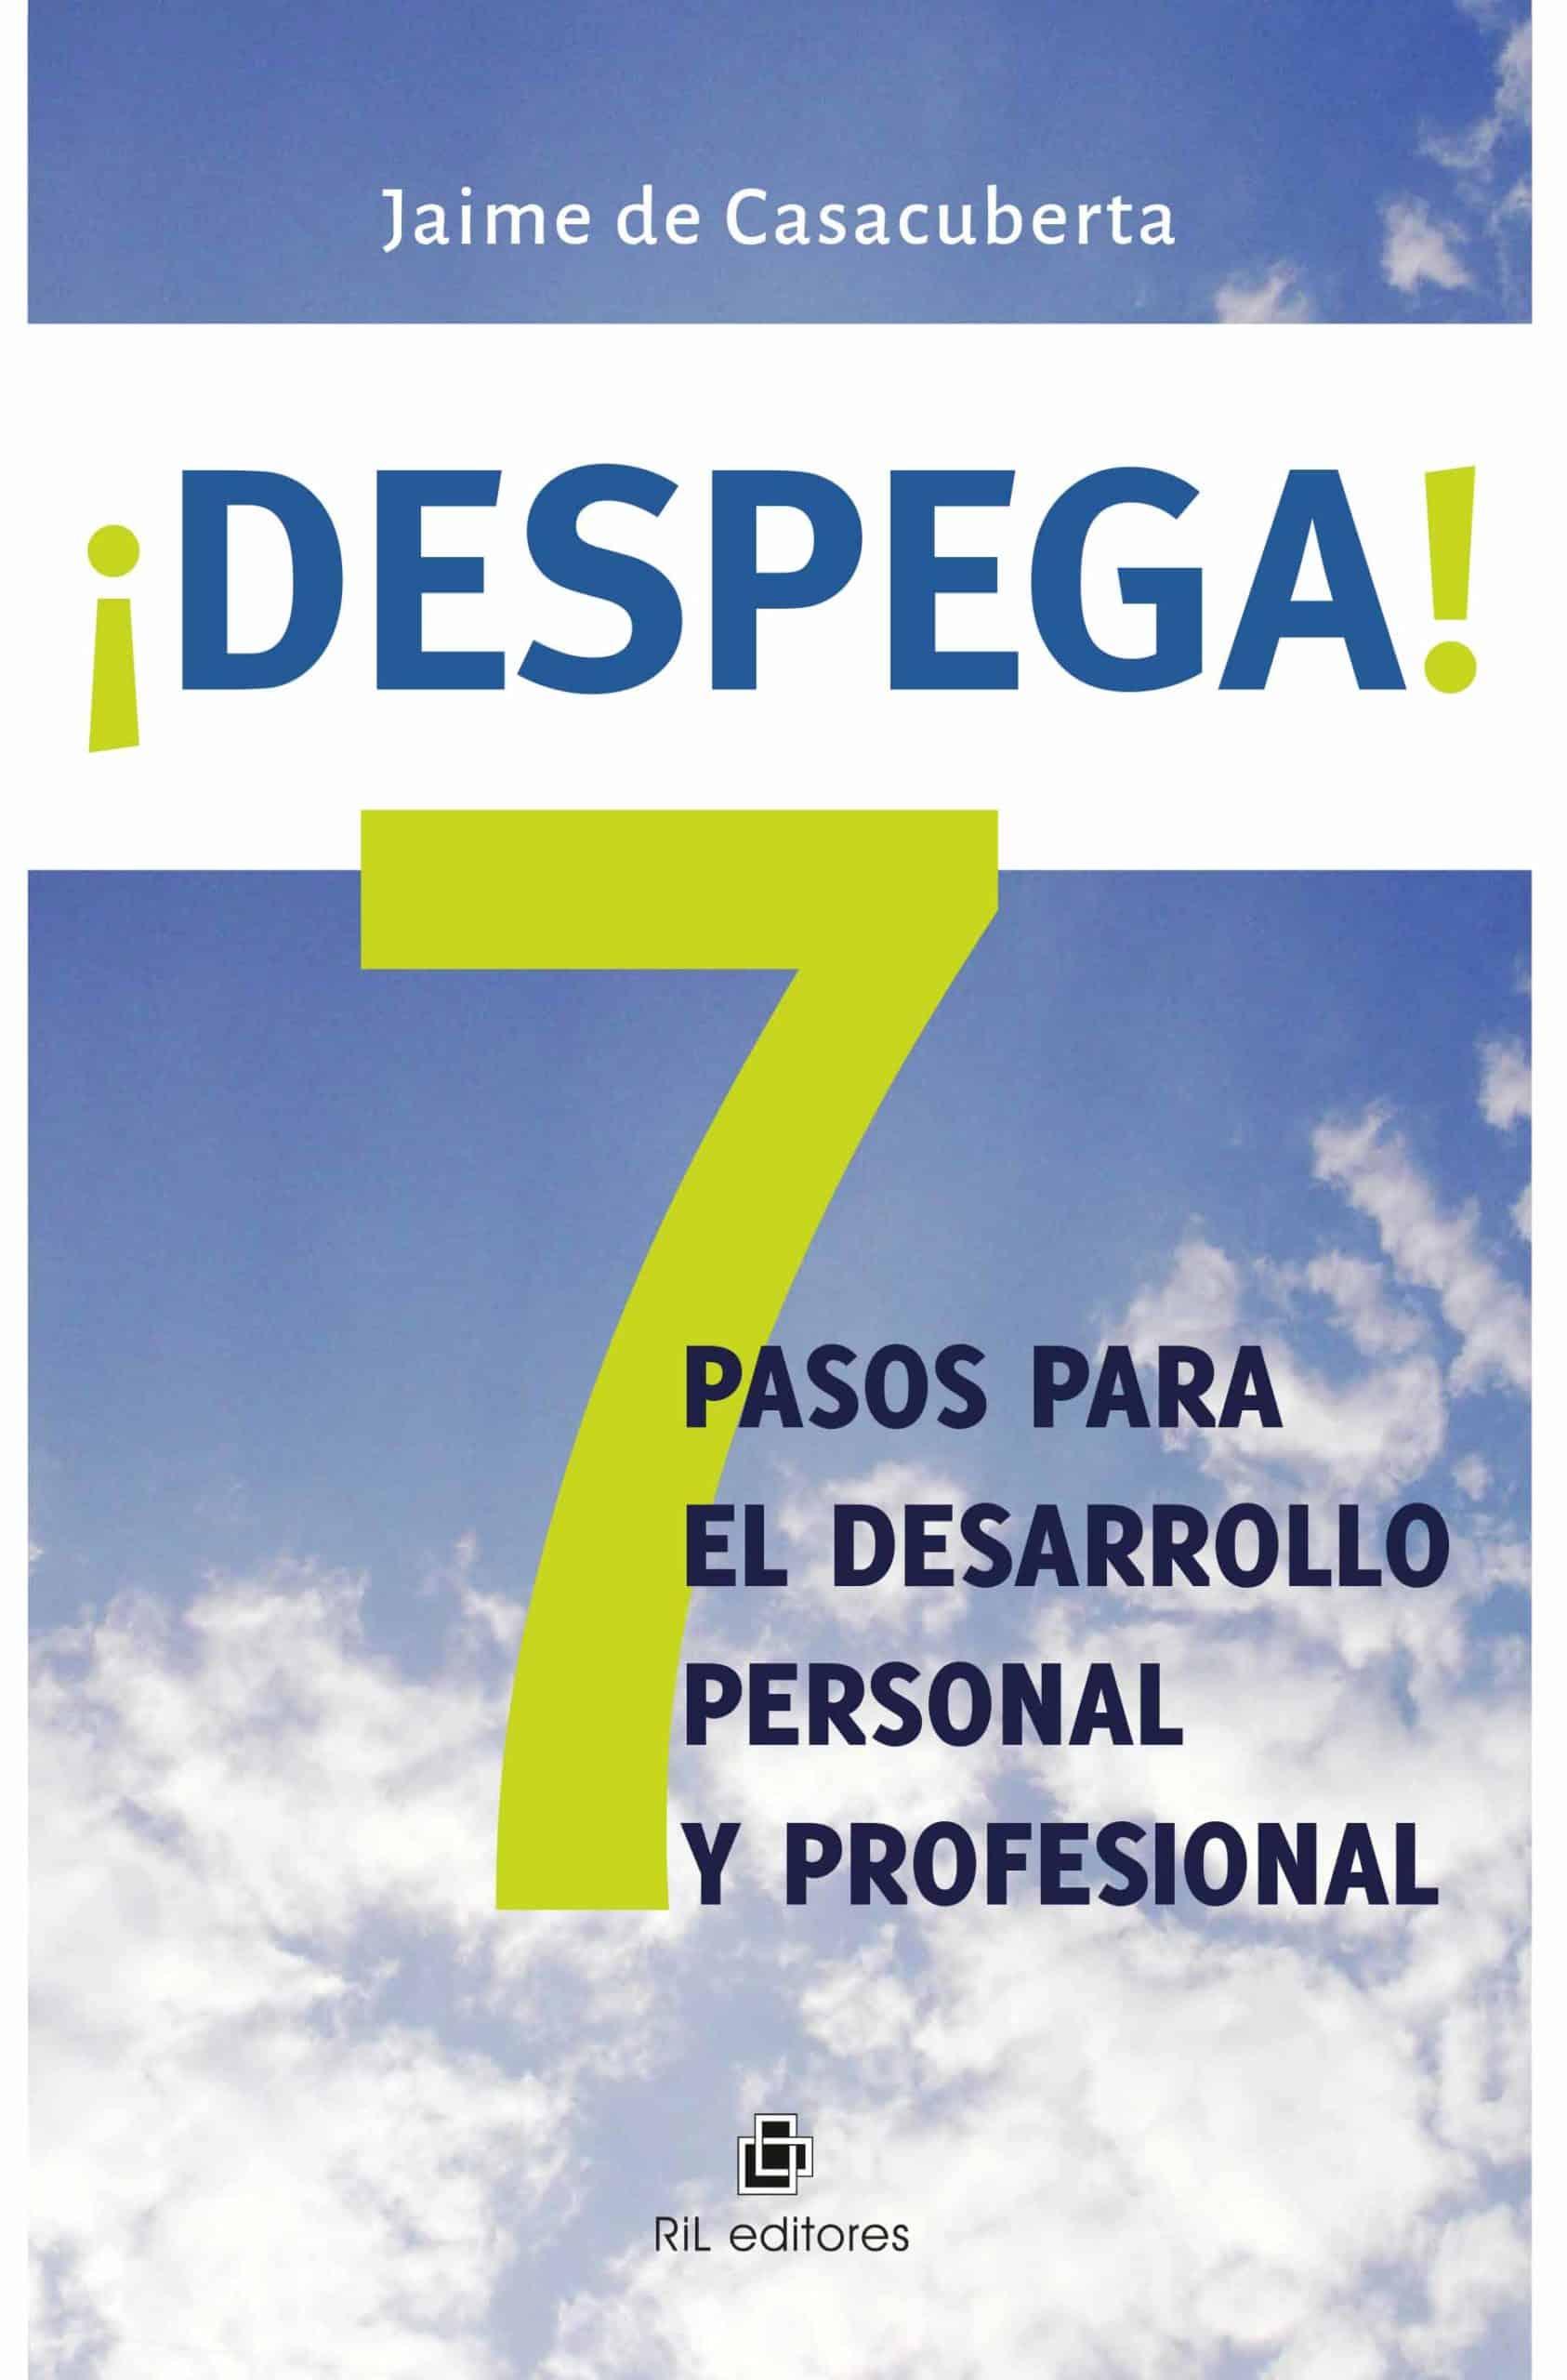 ¡Despega! 7 pasos para el desarrollo personal y profesional 1